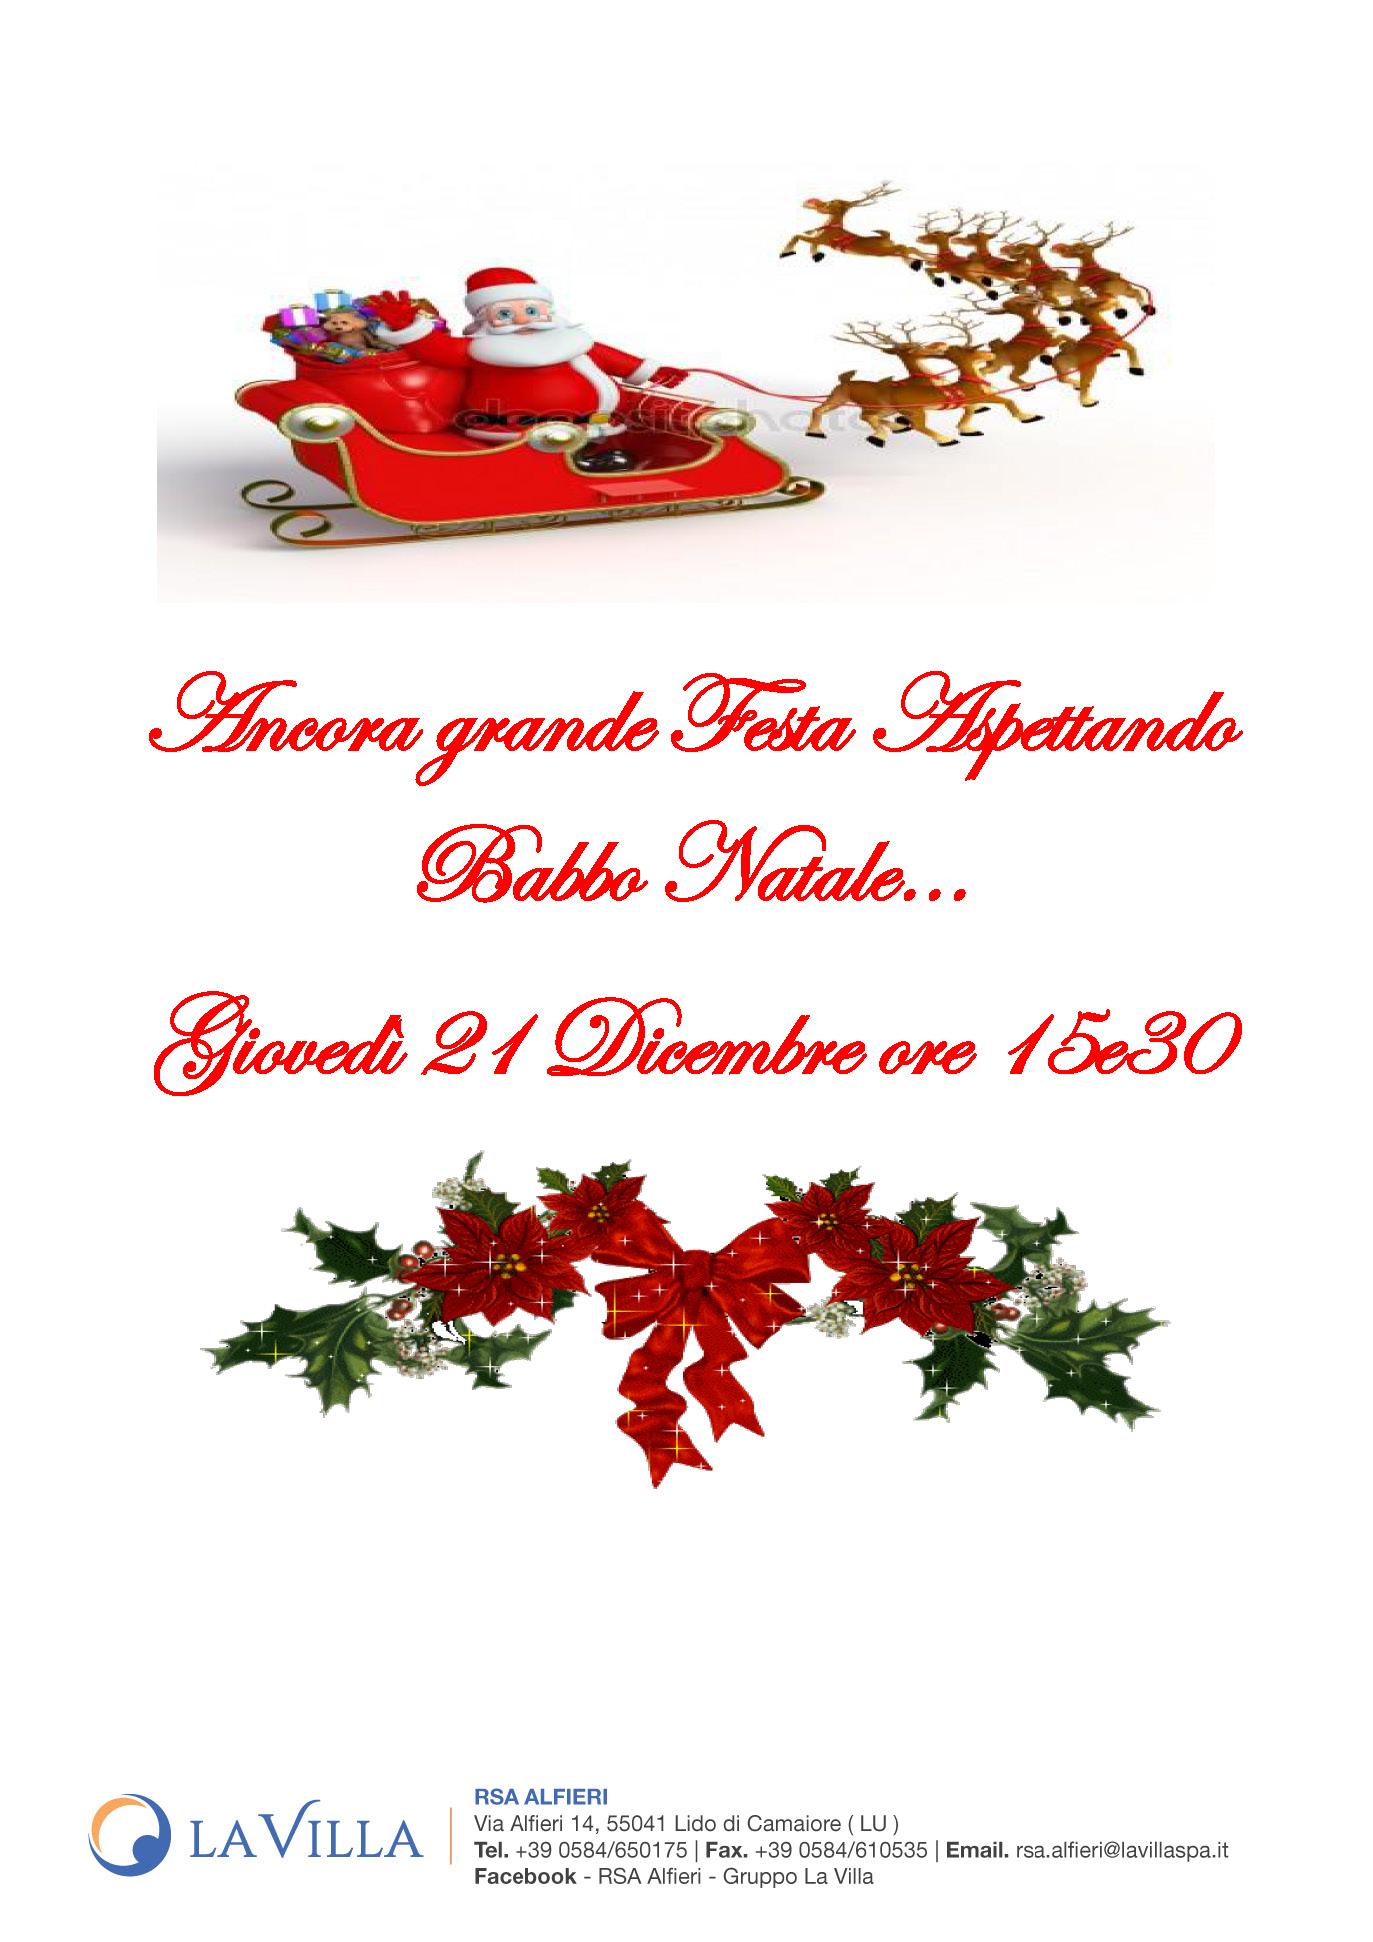 Ancora grande Festa Aspettando Babbo Natale…